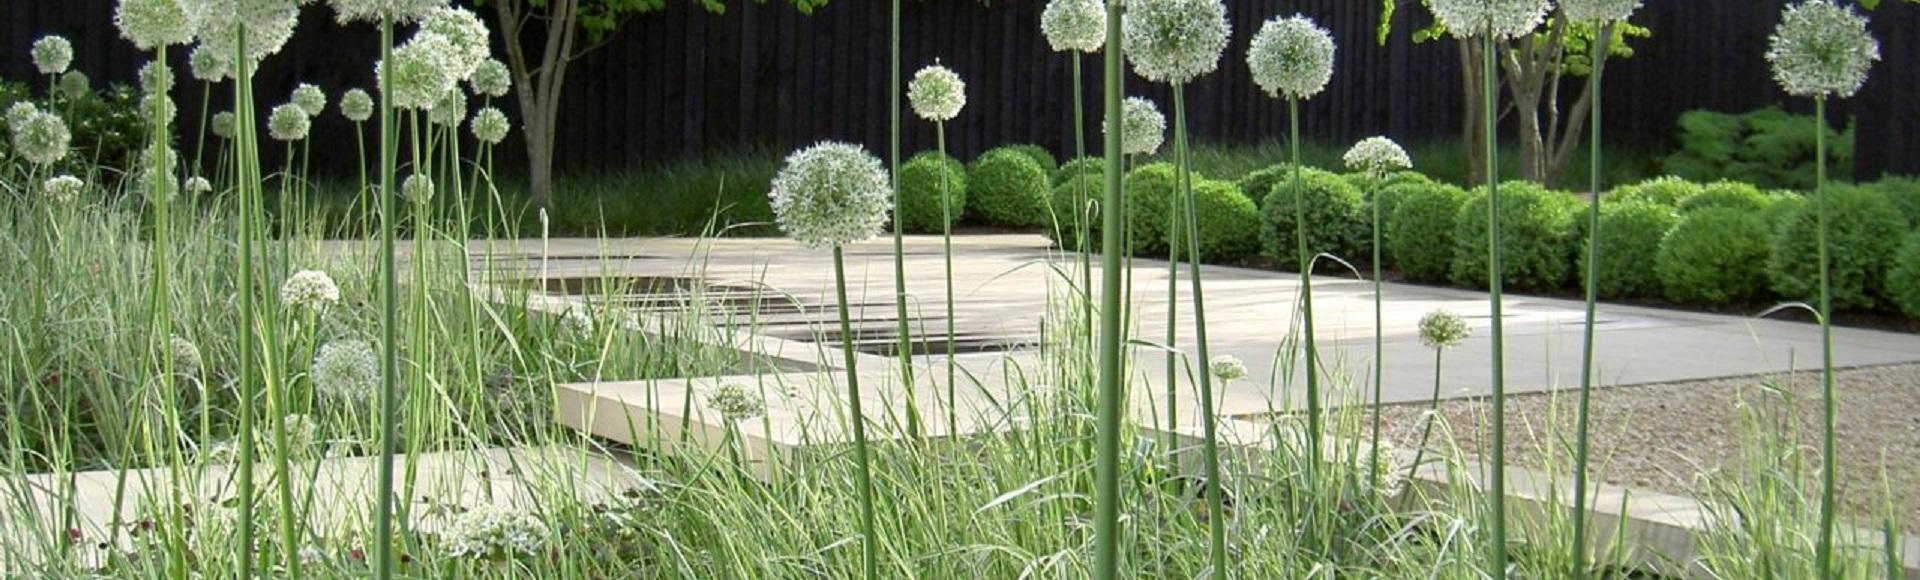 voorbeeld beplanting Emmaus Bezinningscentrum binnentuin